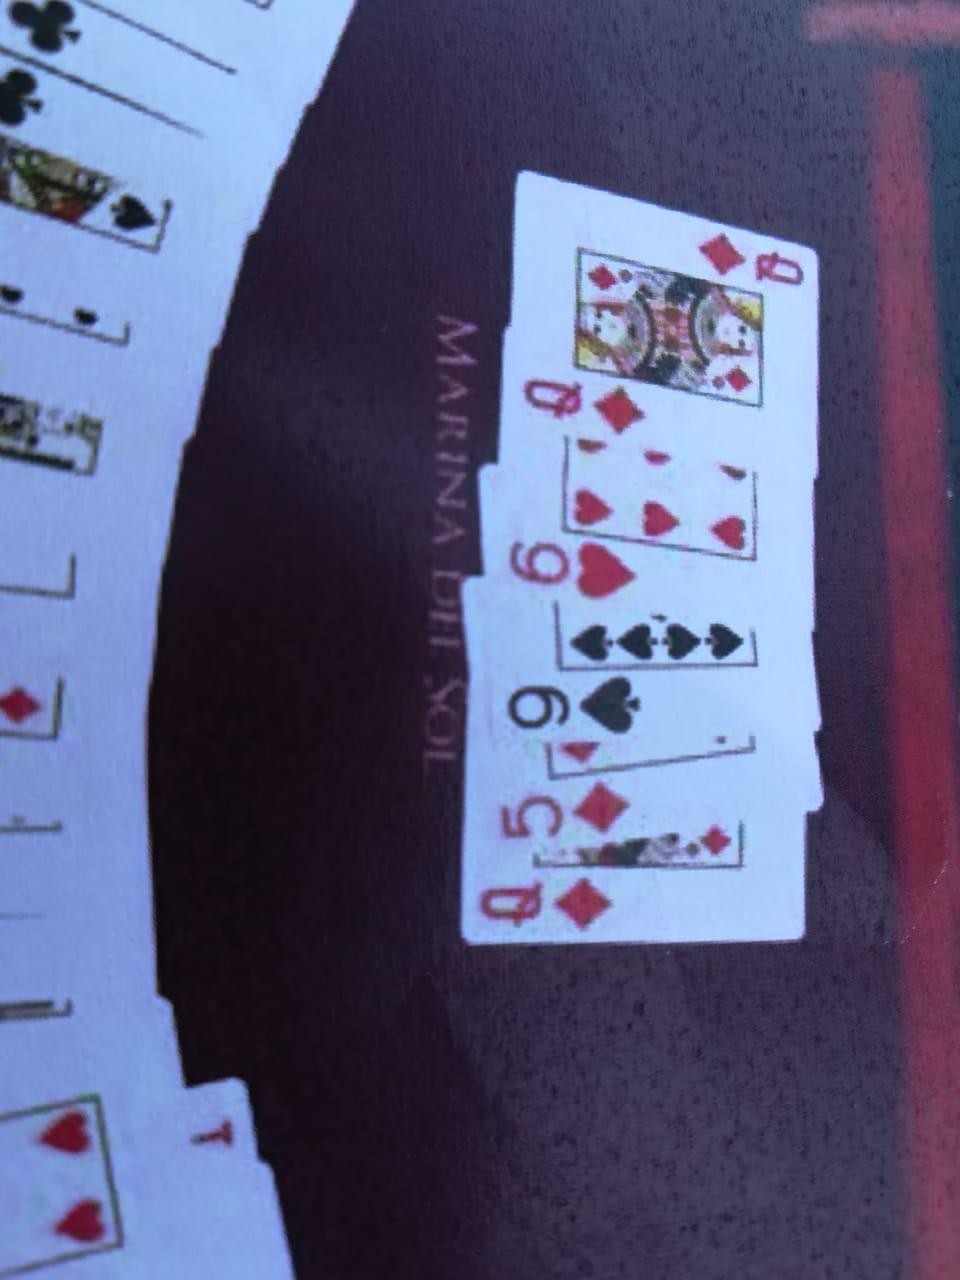 grave-denuncia-remece-a-casino-marina-del-sol-acusan-uso-de-mazos-adulterados-que-impedian-ganar3